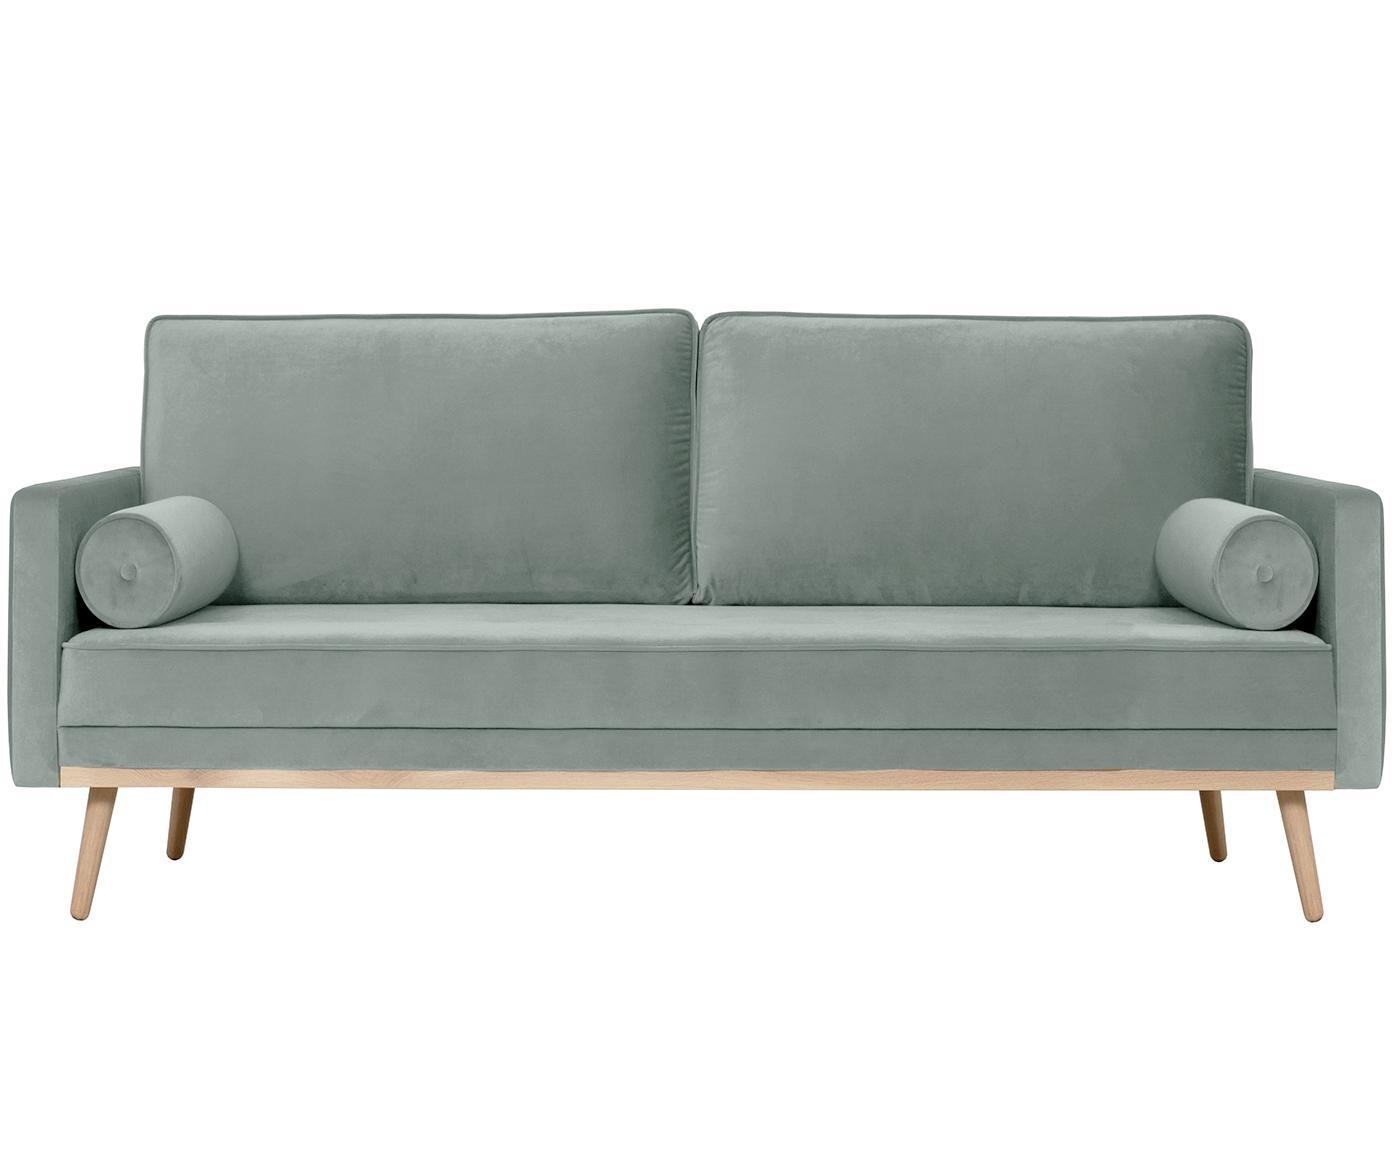 Sofa z aksamitu Saint (3-osobowa), Tapicerka: aksamit (poliester) 3500, Stelaż: masywne drewno dębowe, pł, Szałwiowy zielony, S 210 x G 93 cm